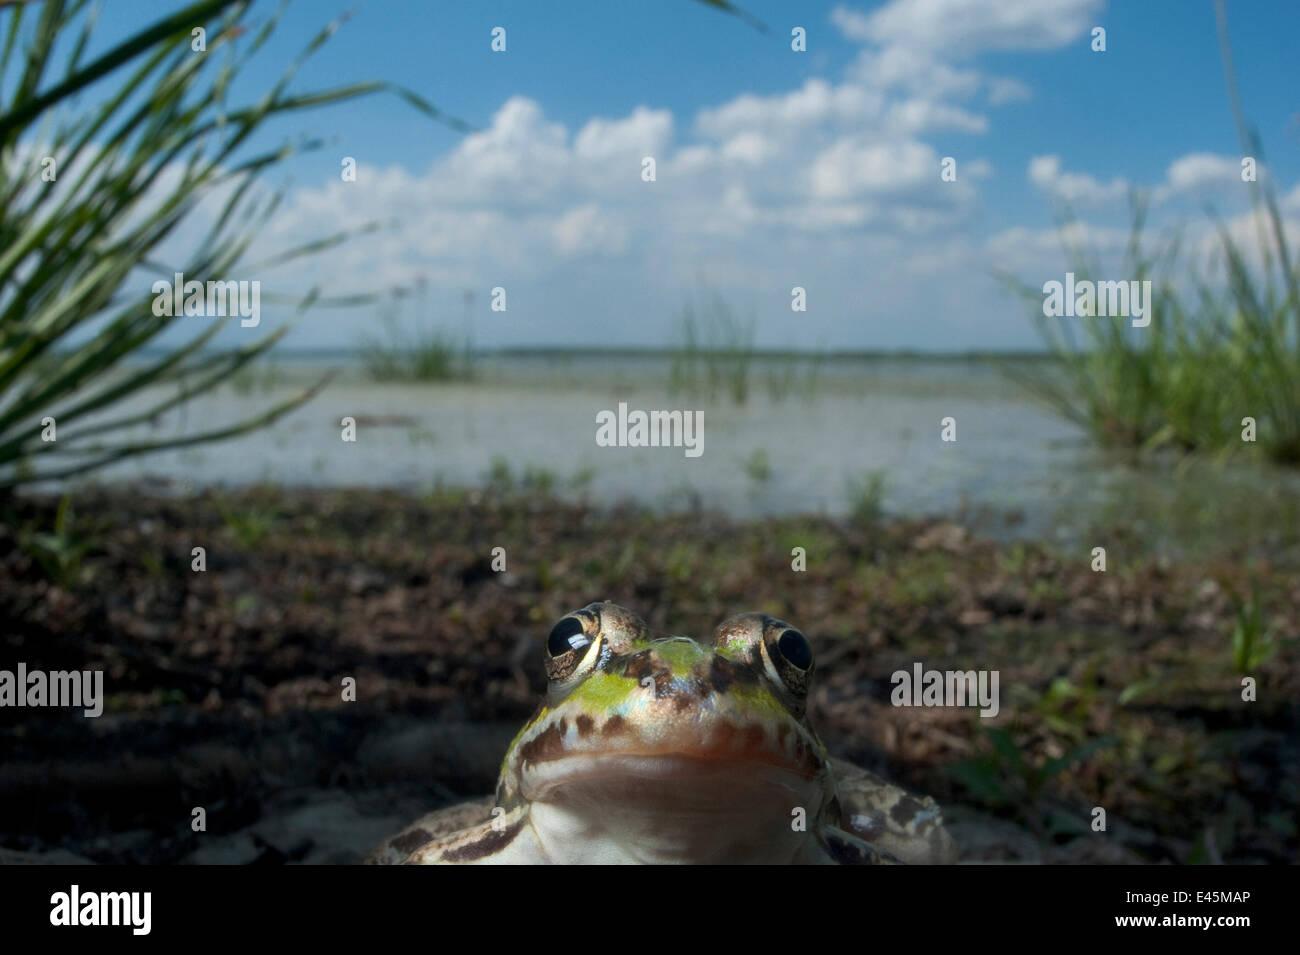 European edible frog (Rana esculenta) by Lake Belau, June 2009 - Stock Image